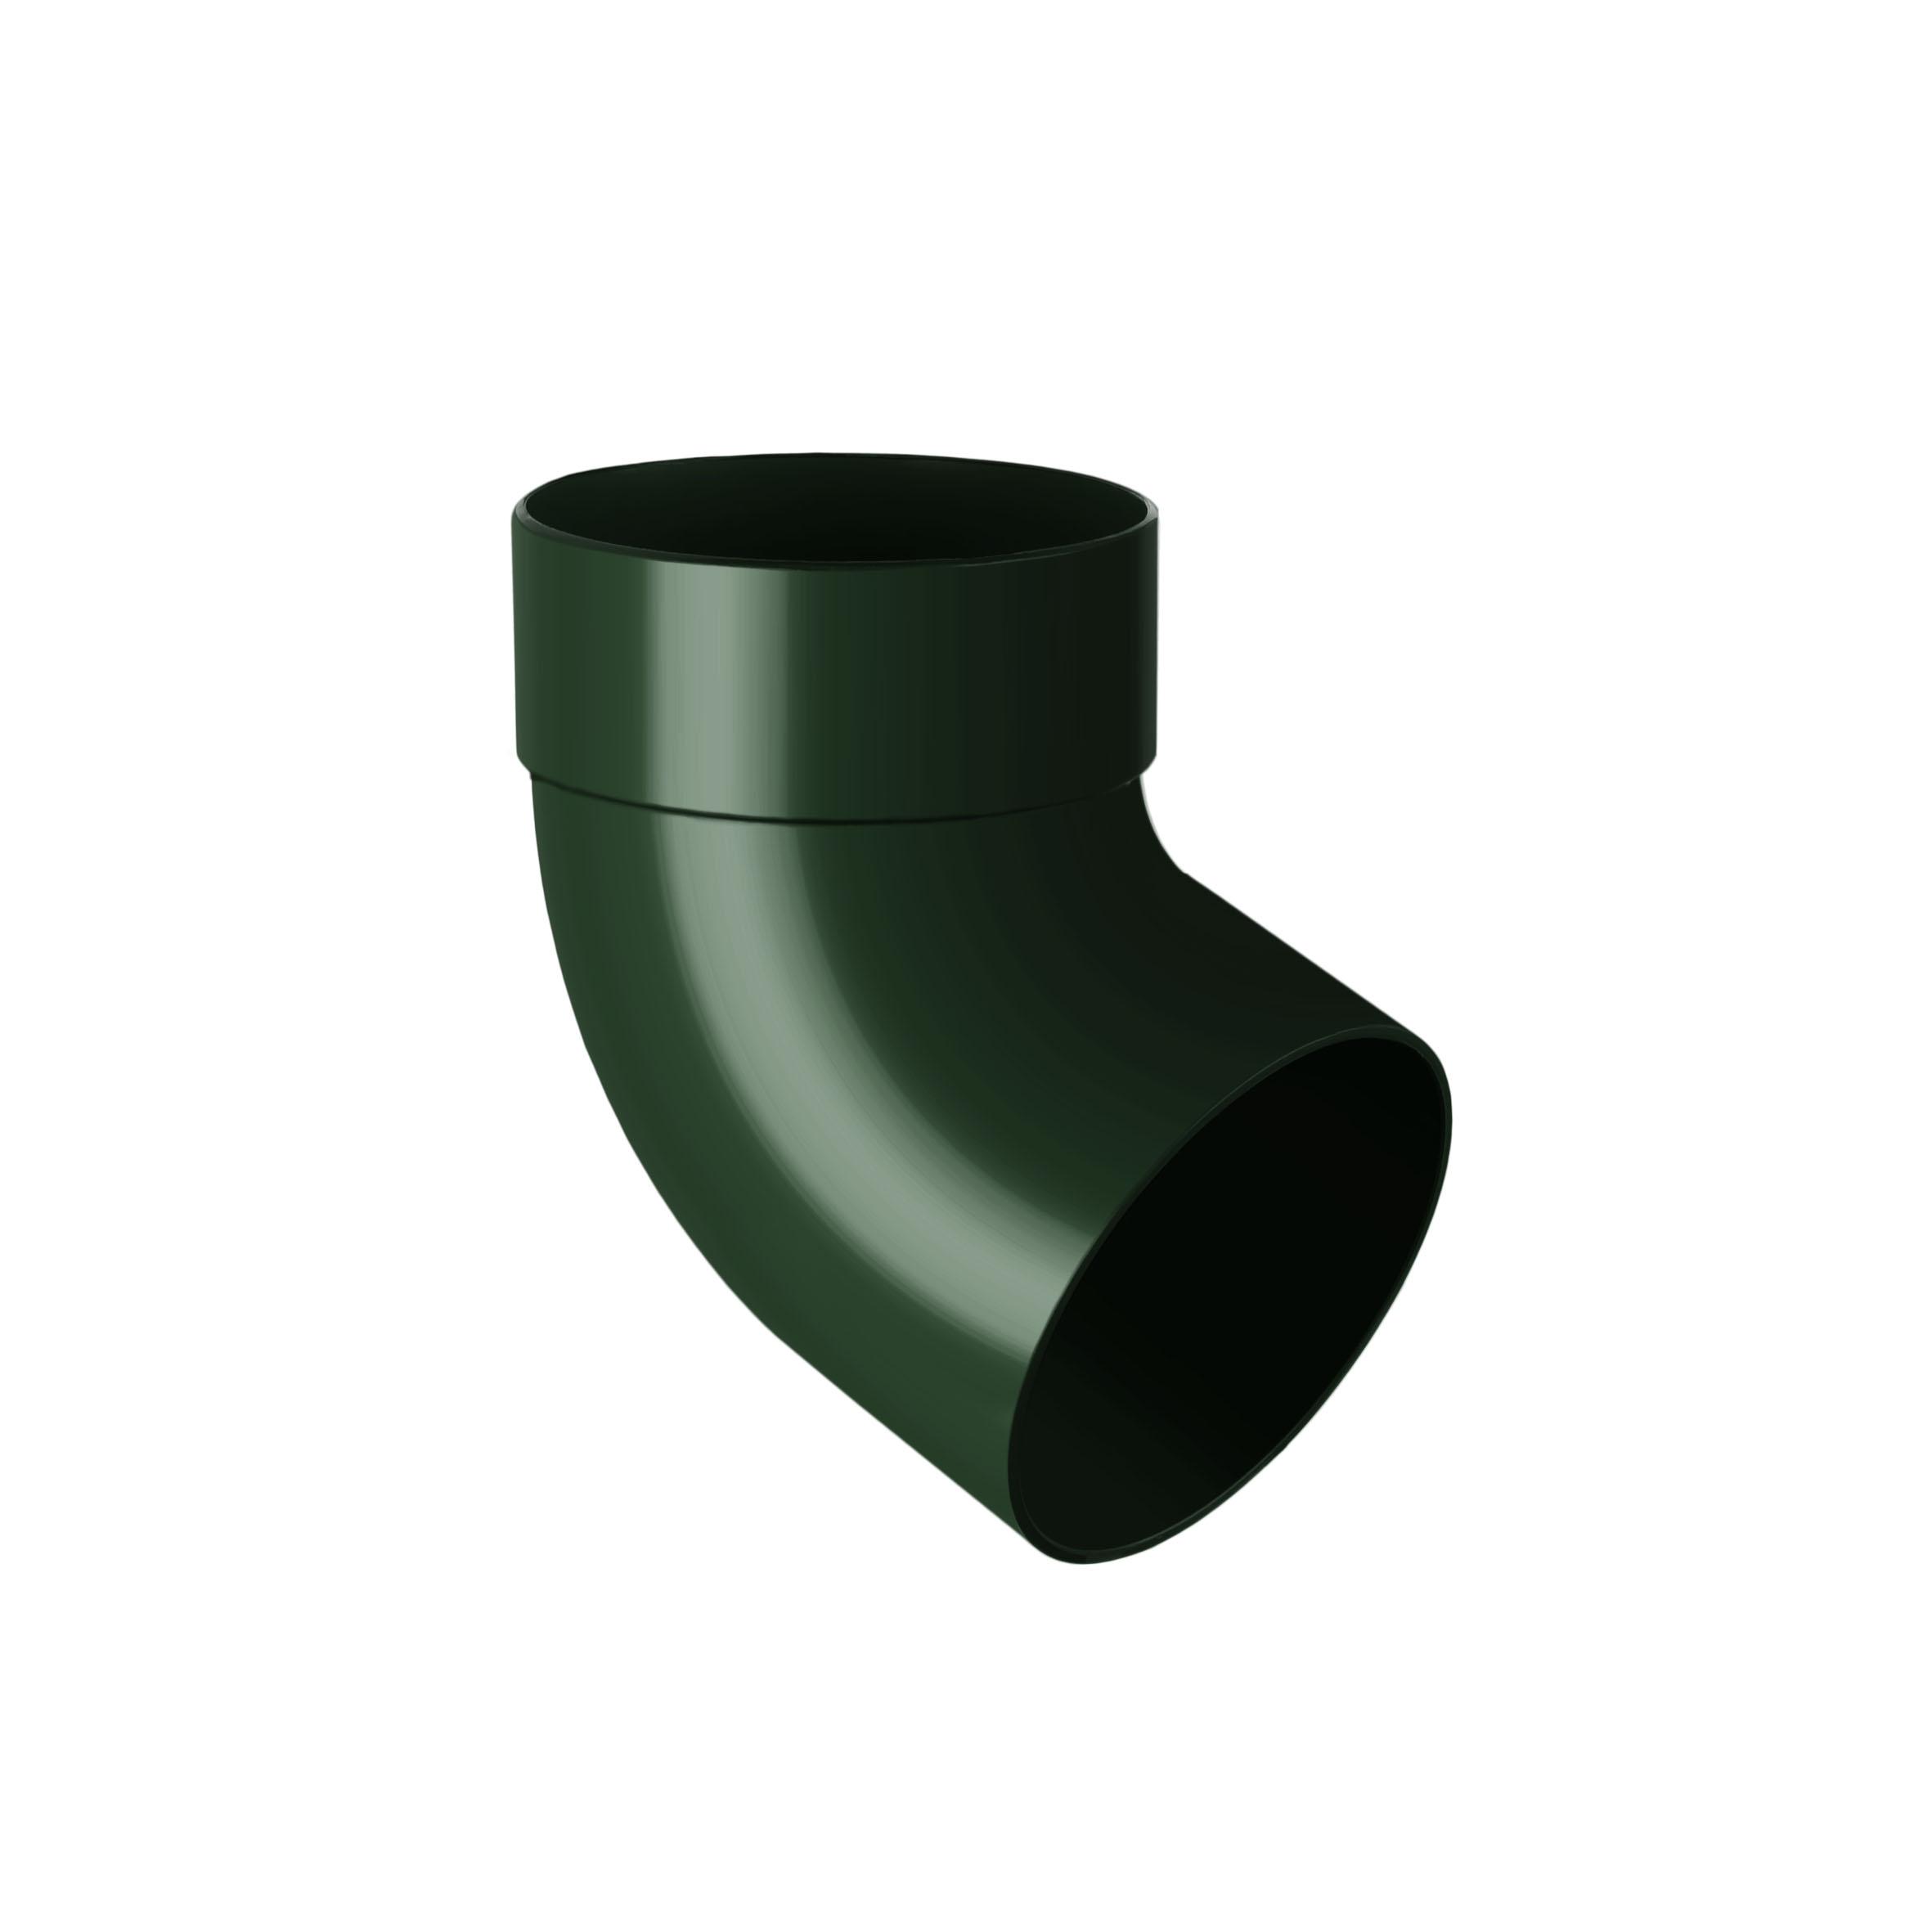 Відвід труби одномуфтовий 67°, зелений 75мм/Ø RainWay